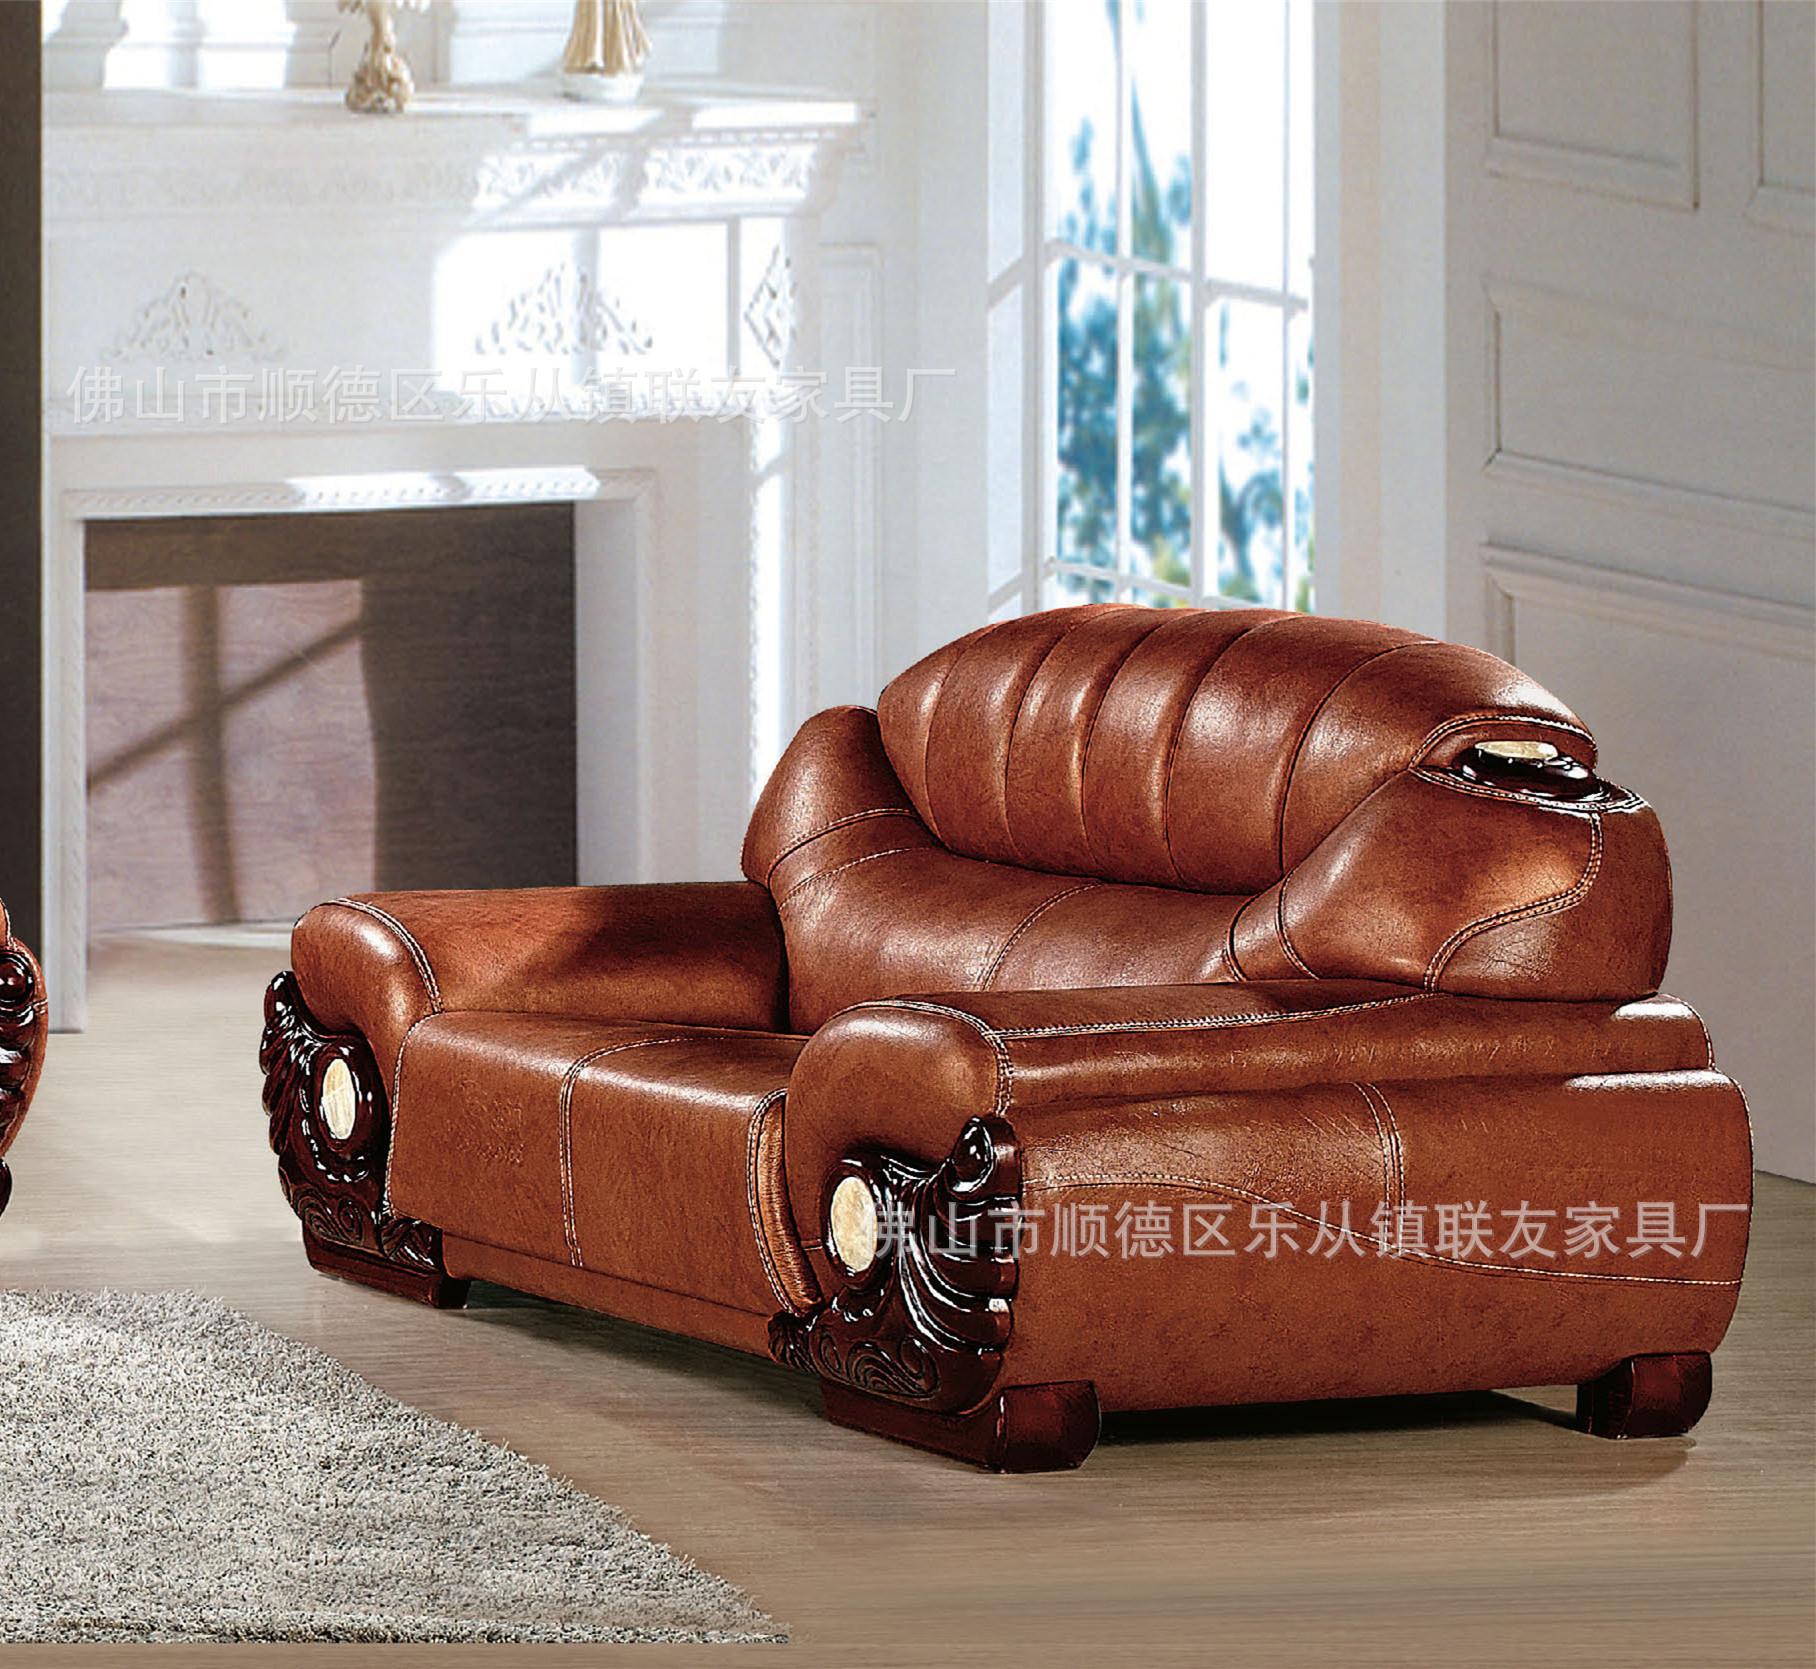 中式牛皮沙发专业生产 高档牛皮沙发 酒店沙发中厚皮a101图片